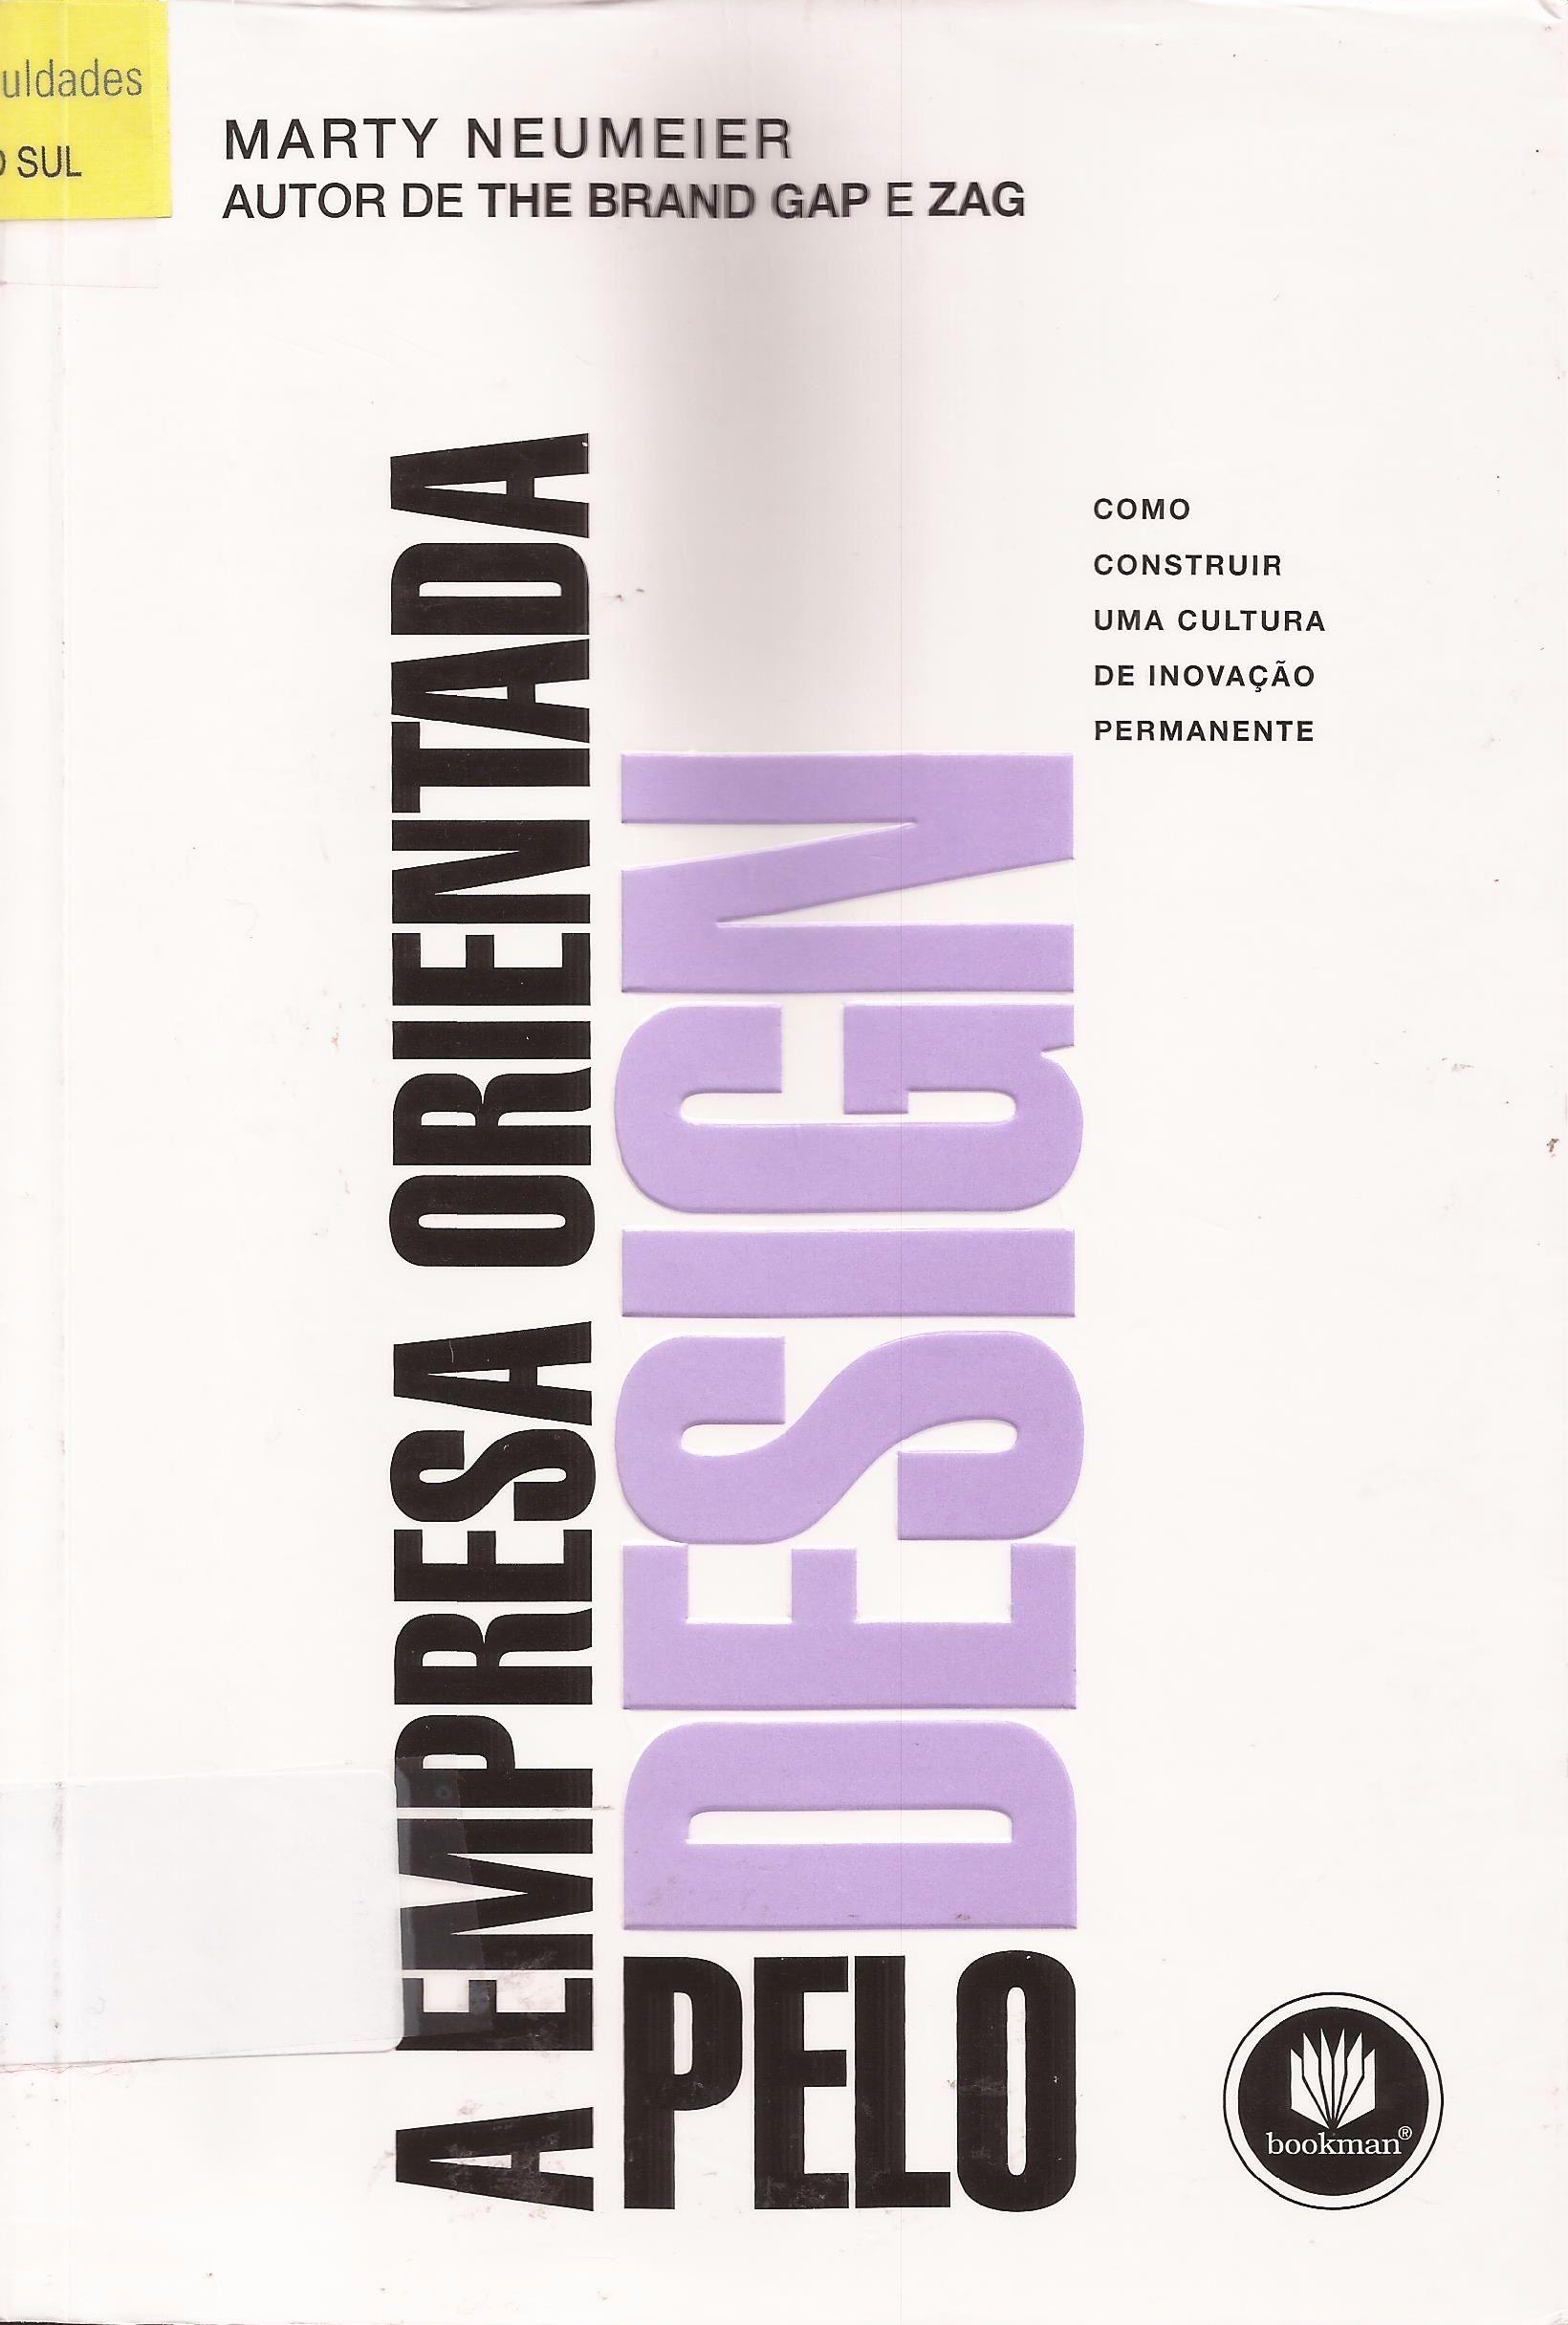 Resultado de imagem para A empresa orientada pelo design livro